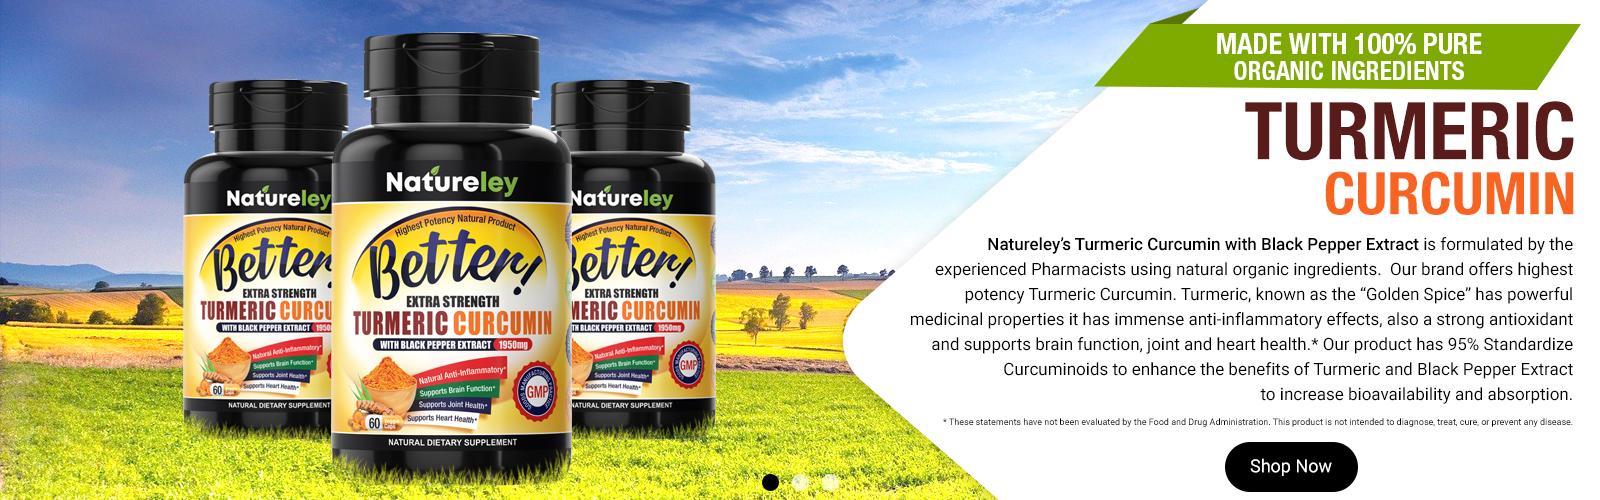 organic-turmeric-curcumin